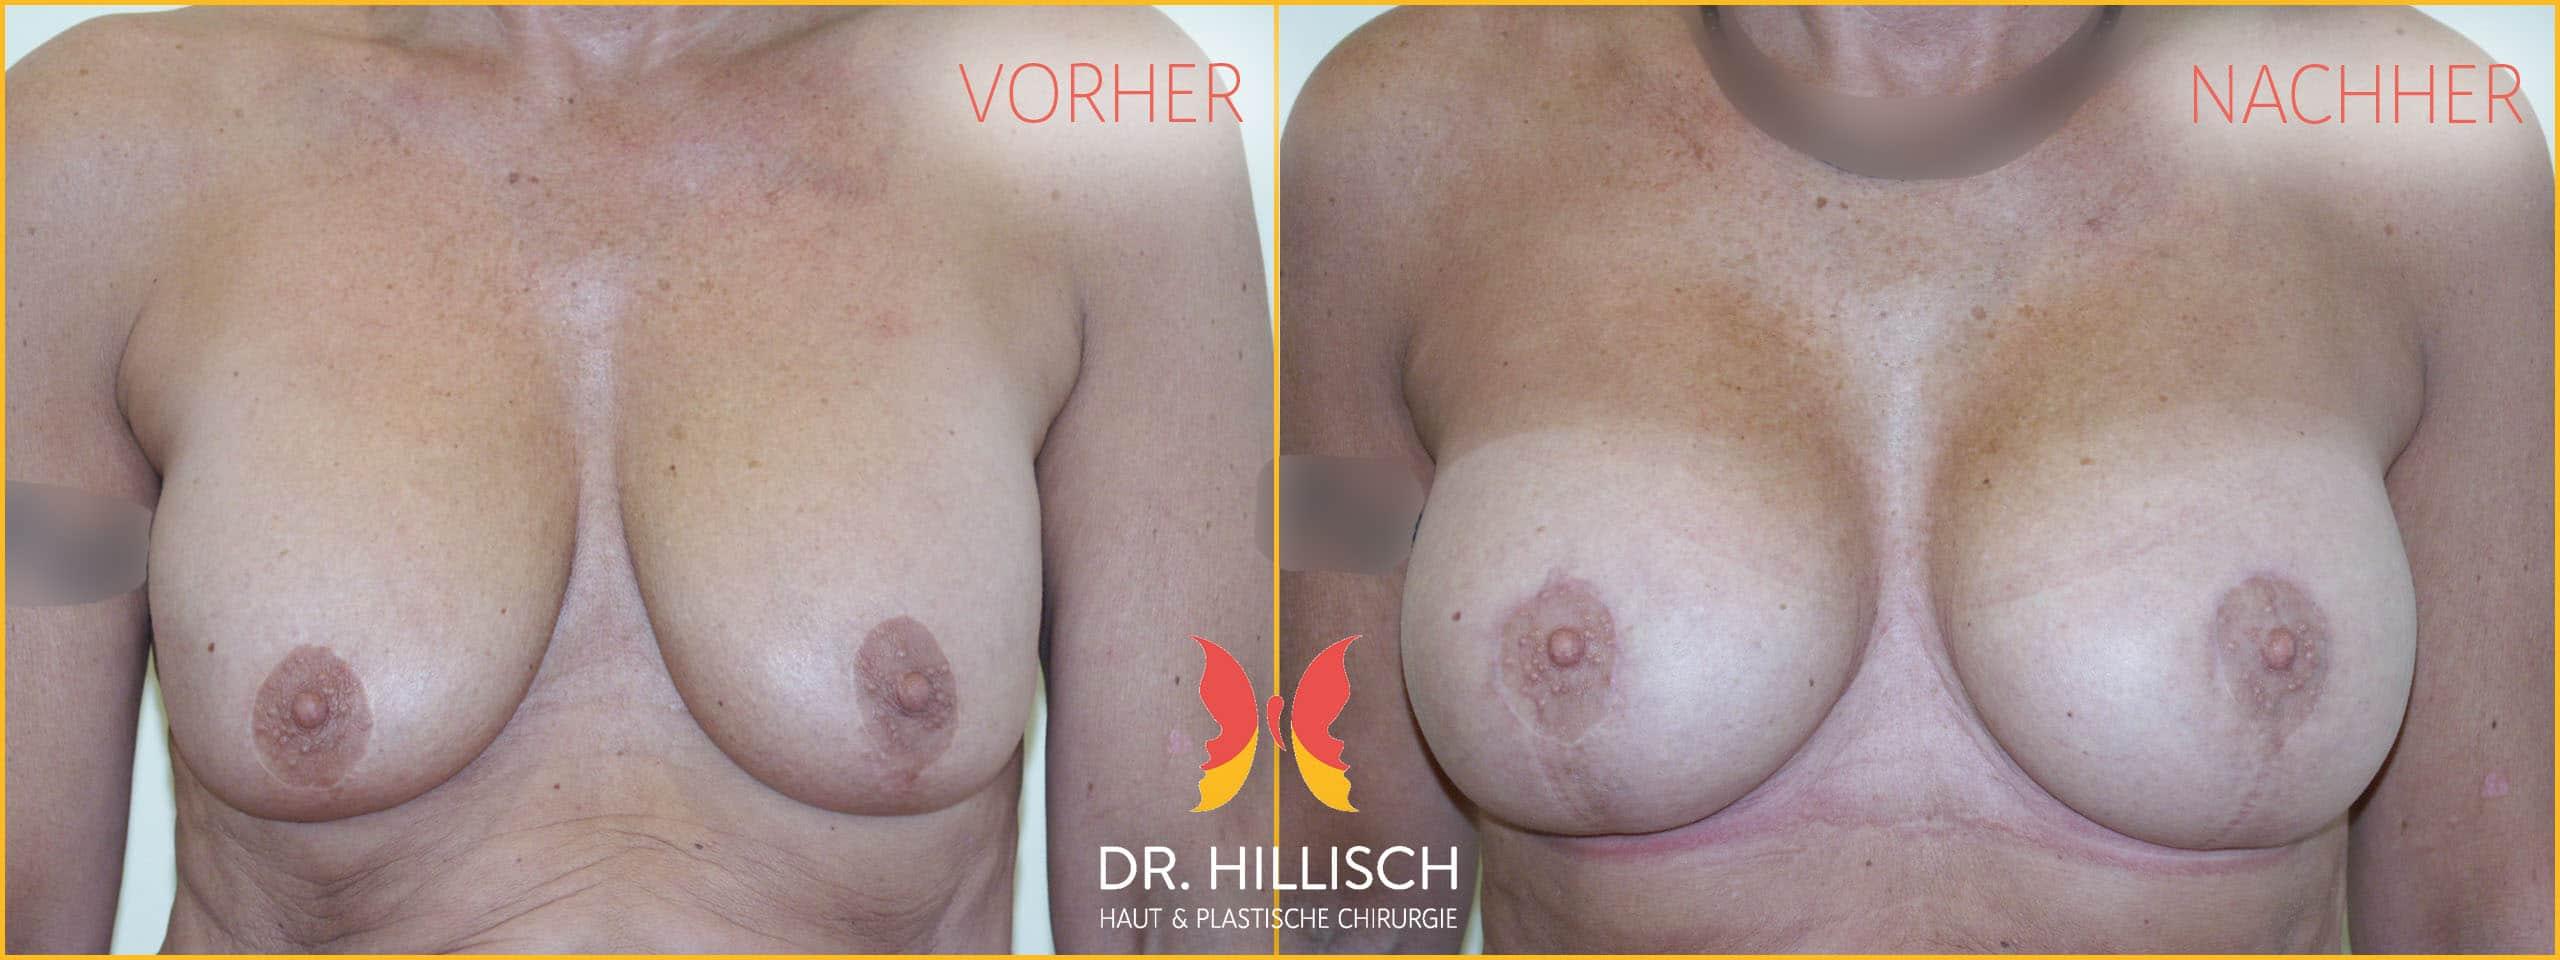 Brust Vorher Nachher Patient 016